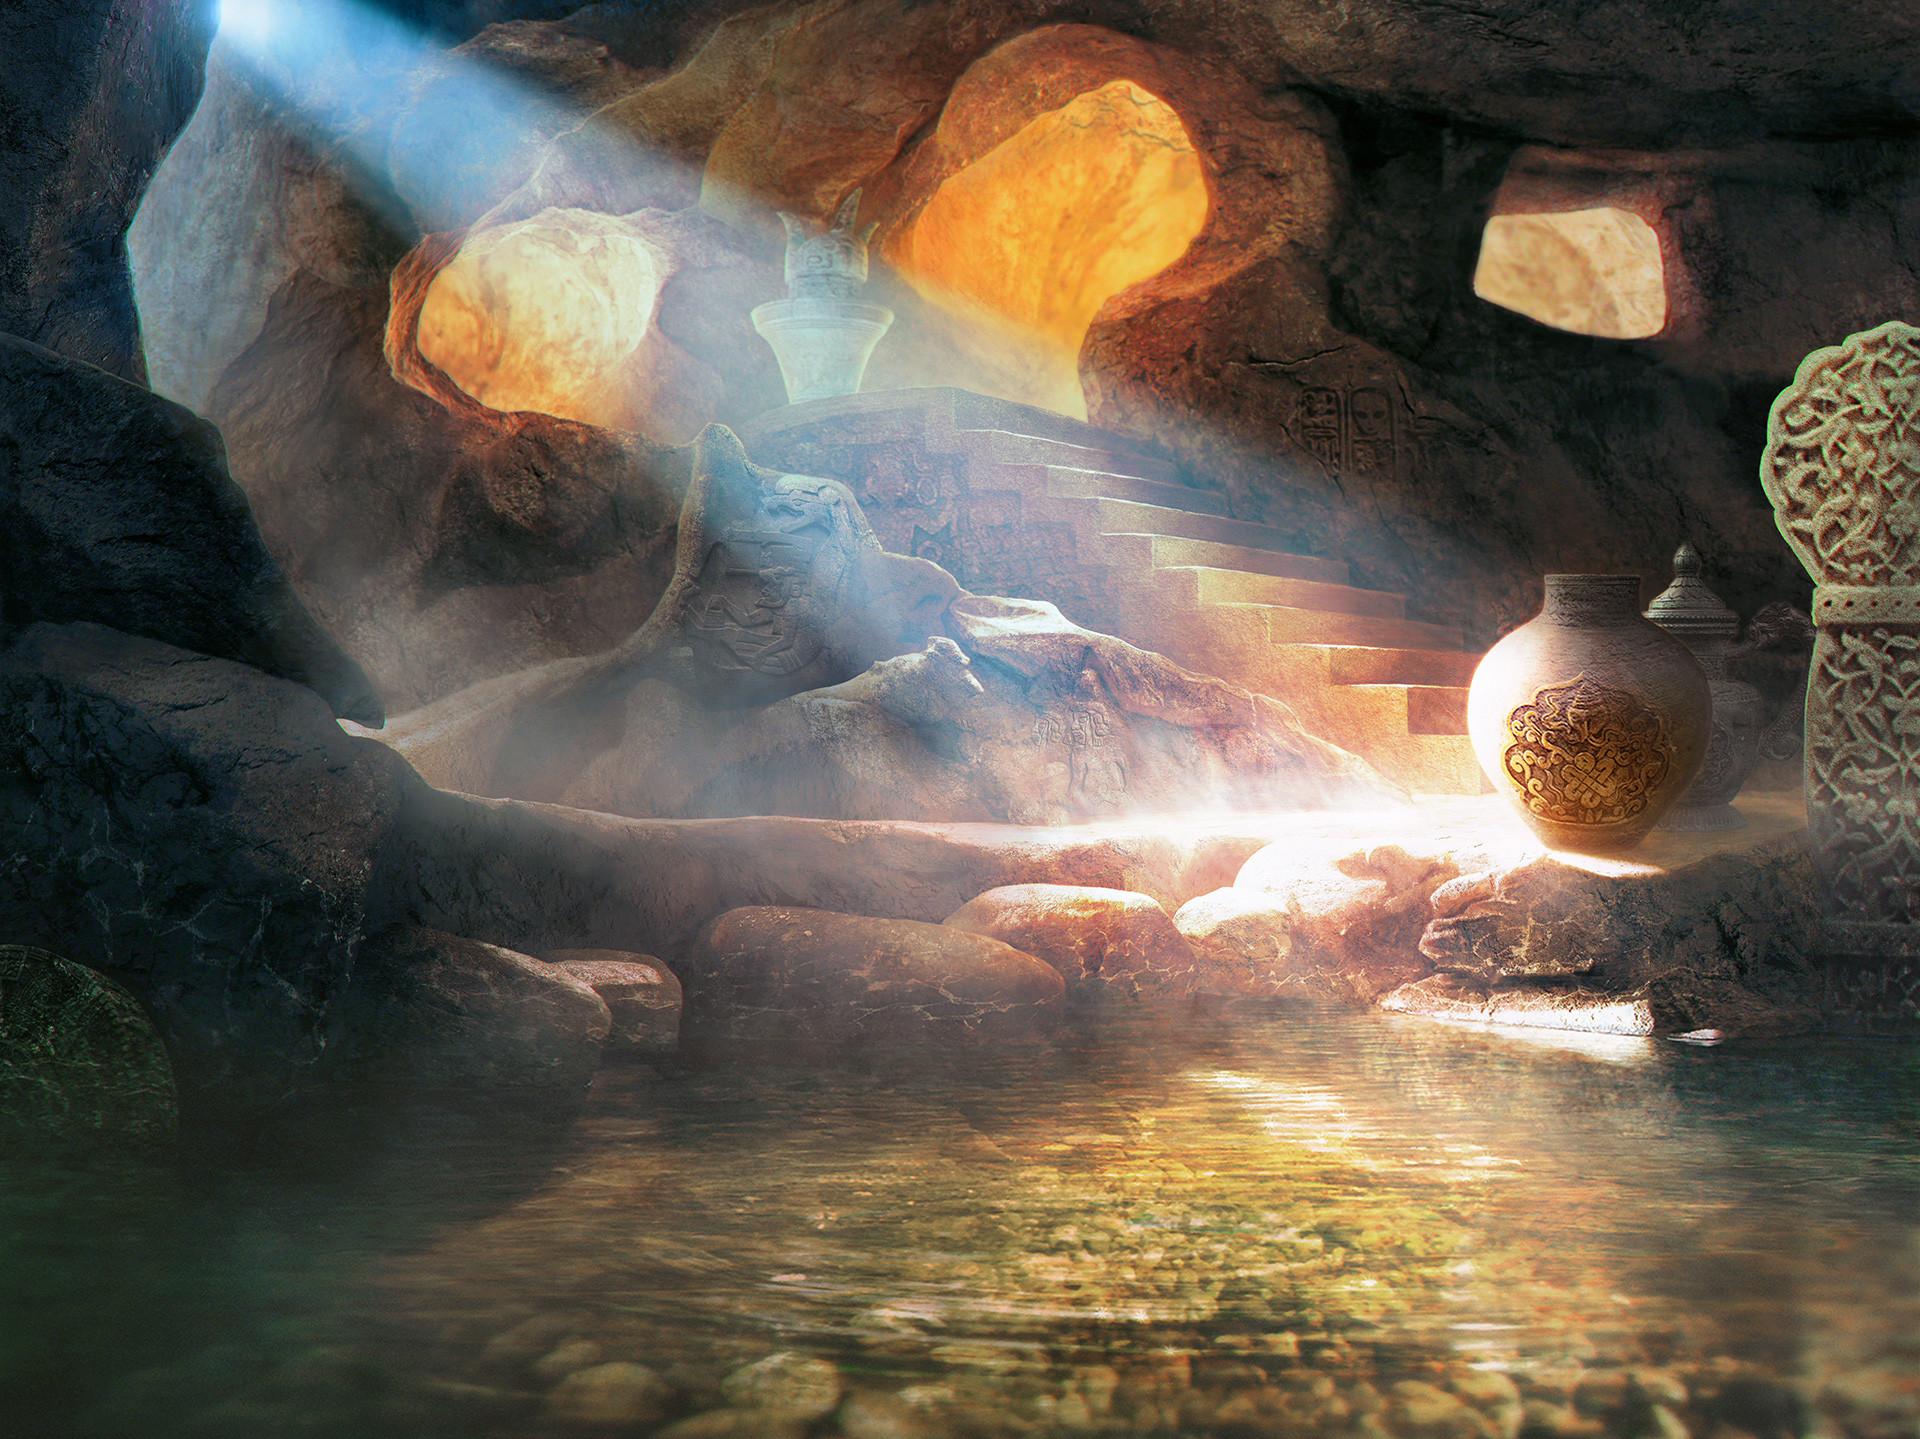 Tymoteusz chliszcz acient civilizations2 work2